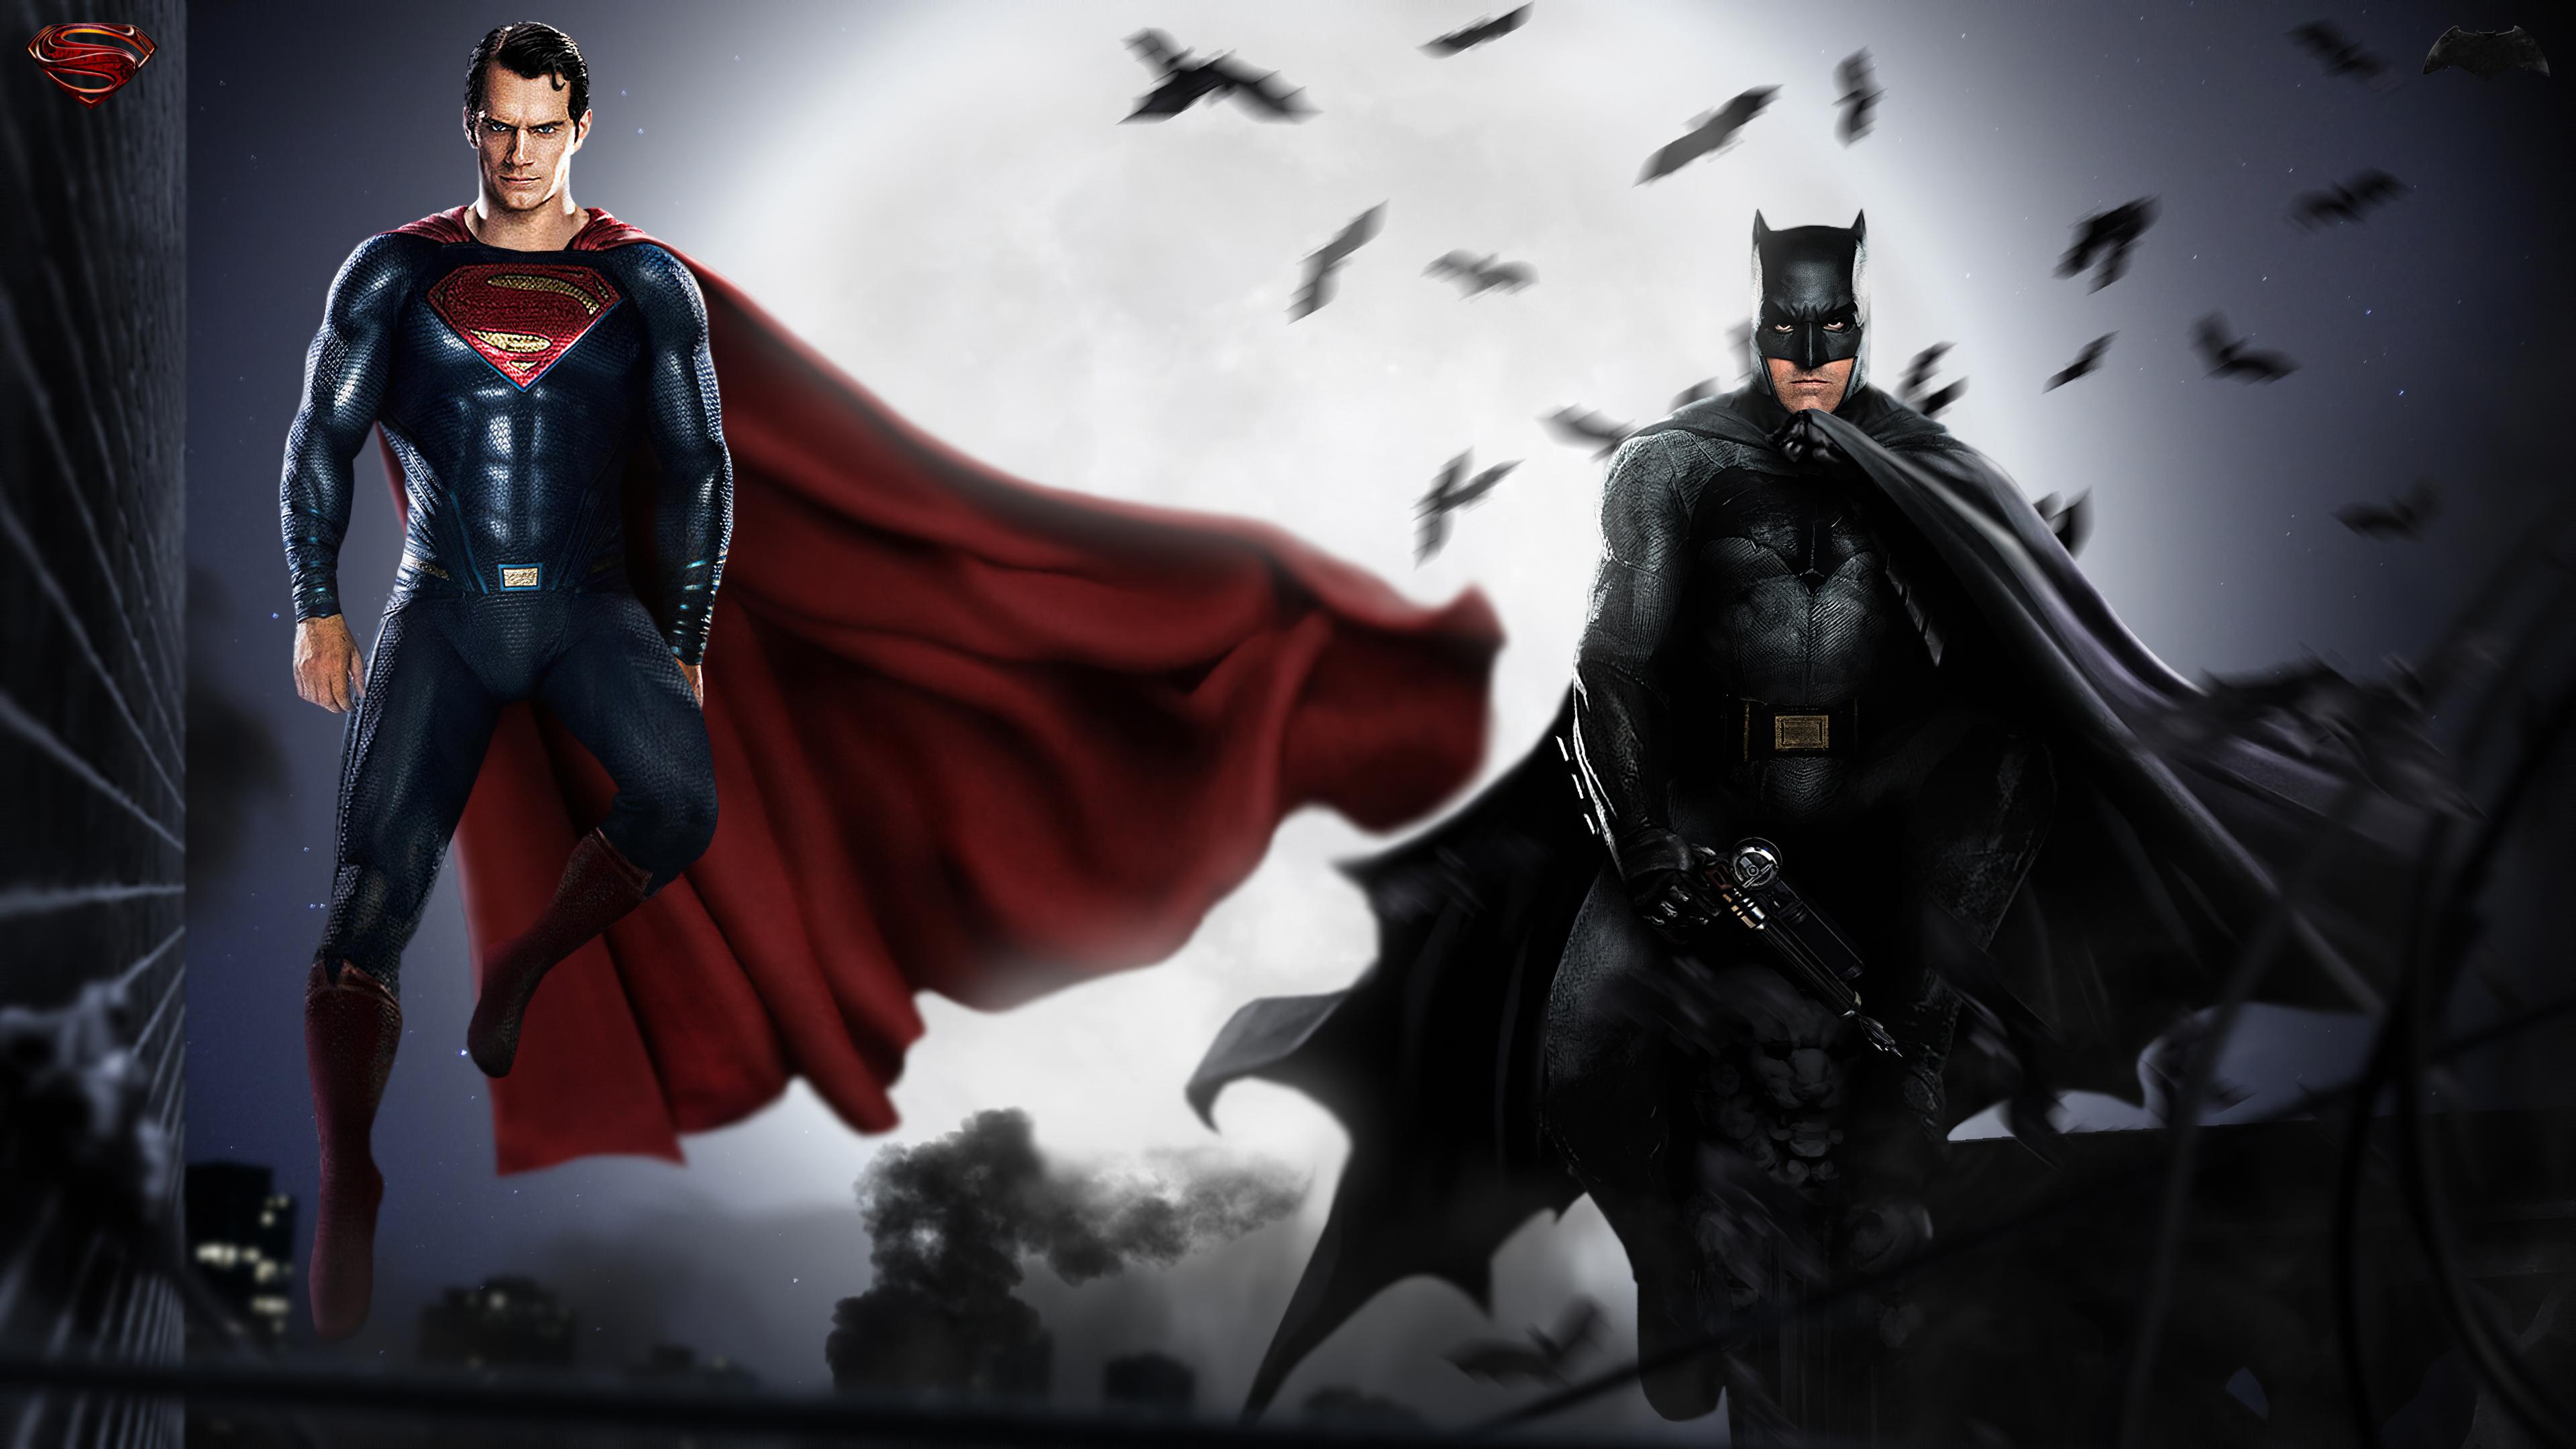 batman superman fan art 1581356291 - Batman SuperMan Fan Art - Batman SuperMan wallpapers, Batman SuperMan phone wallpapers 4k, Batman SuperMan 4k wallpapers